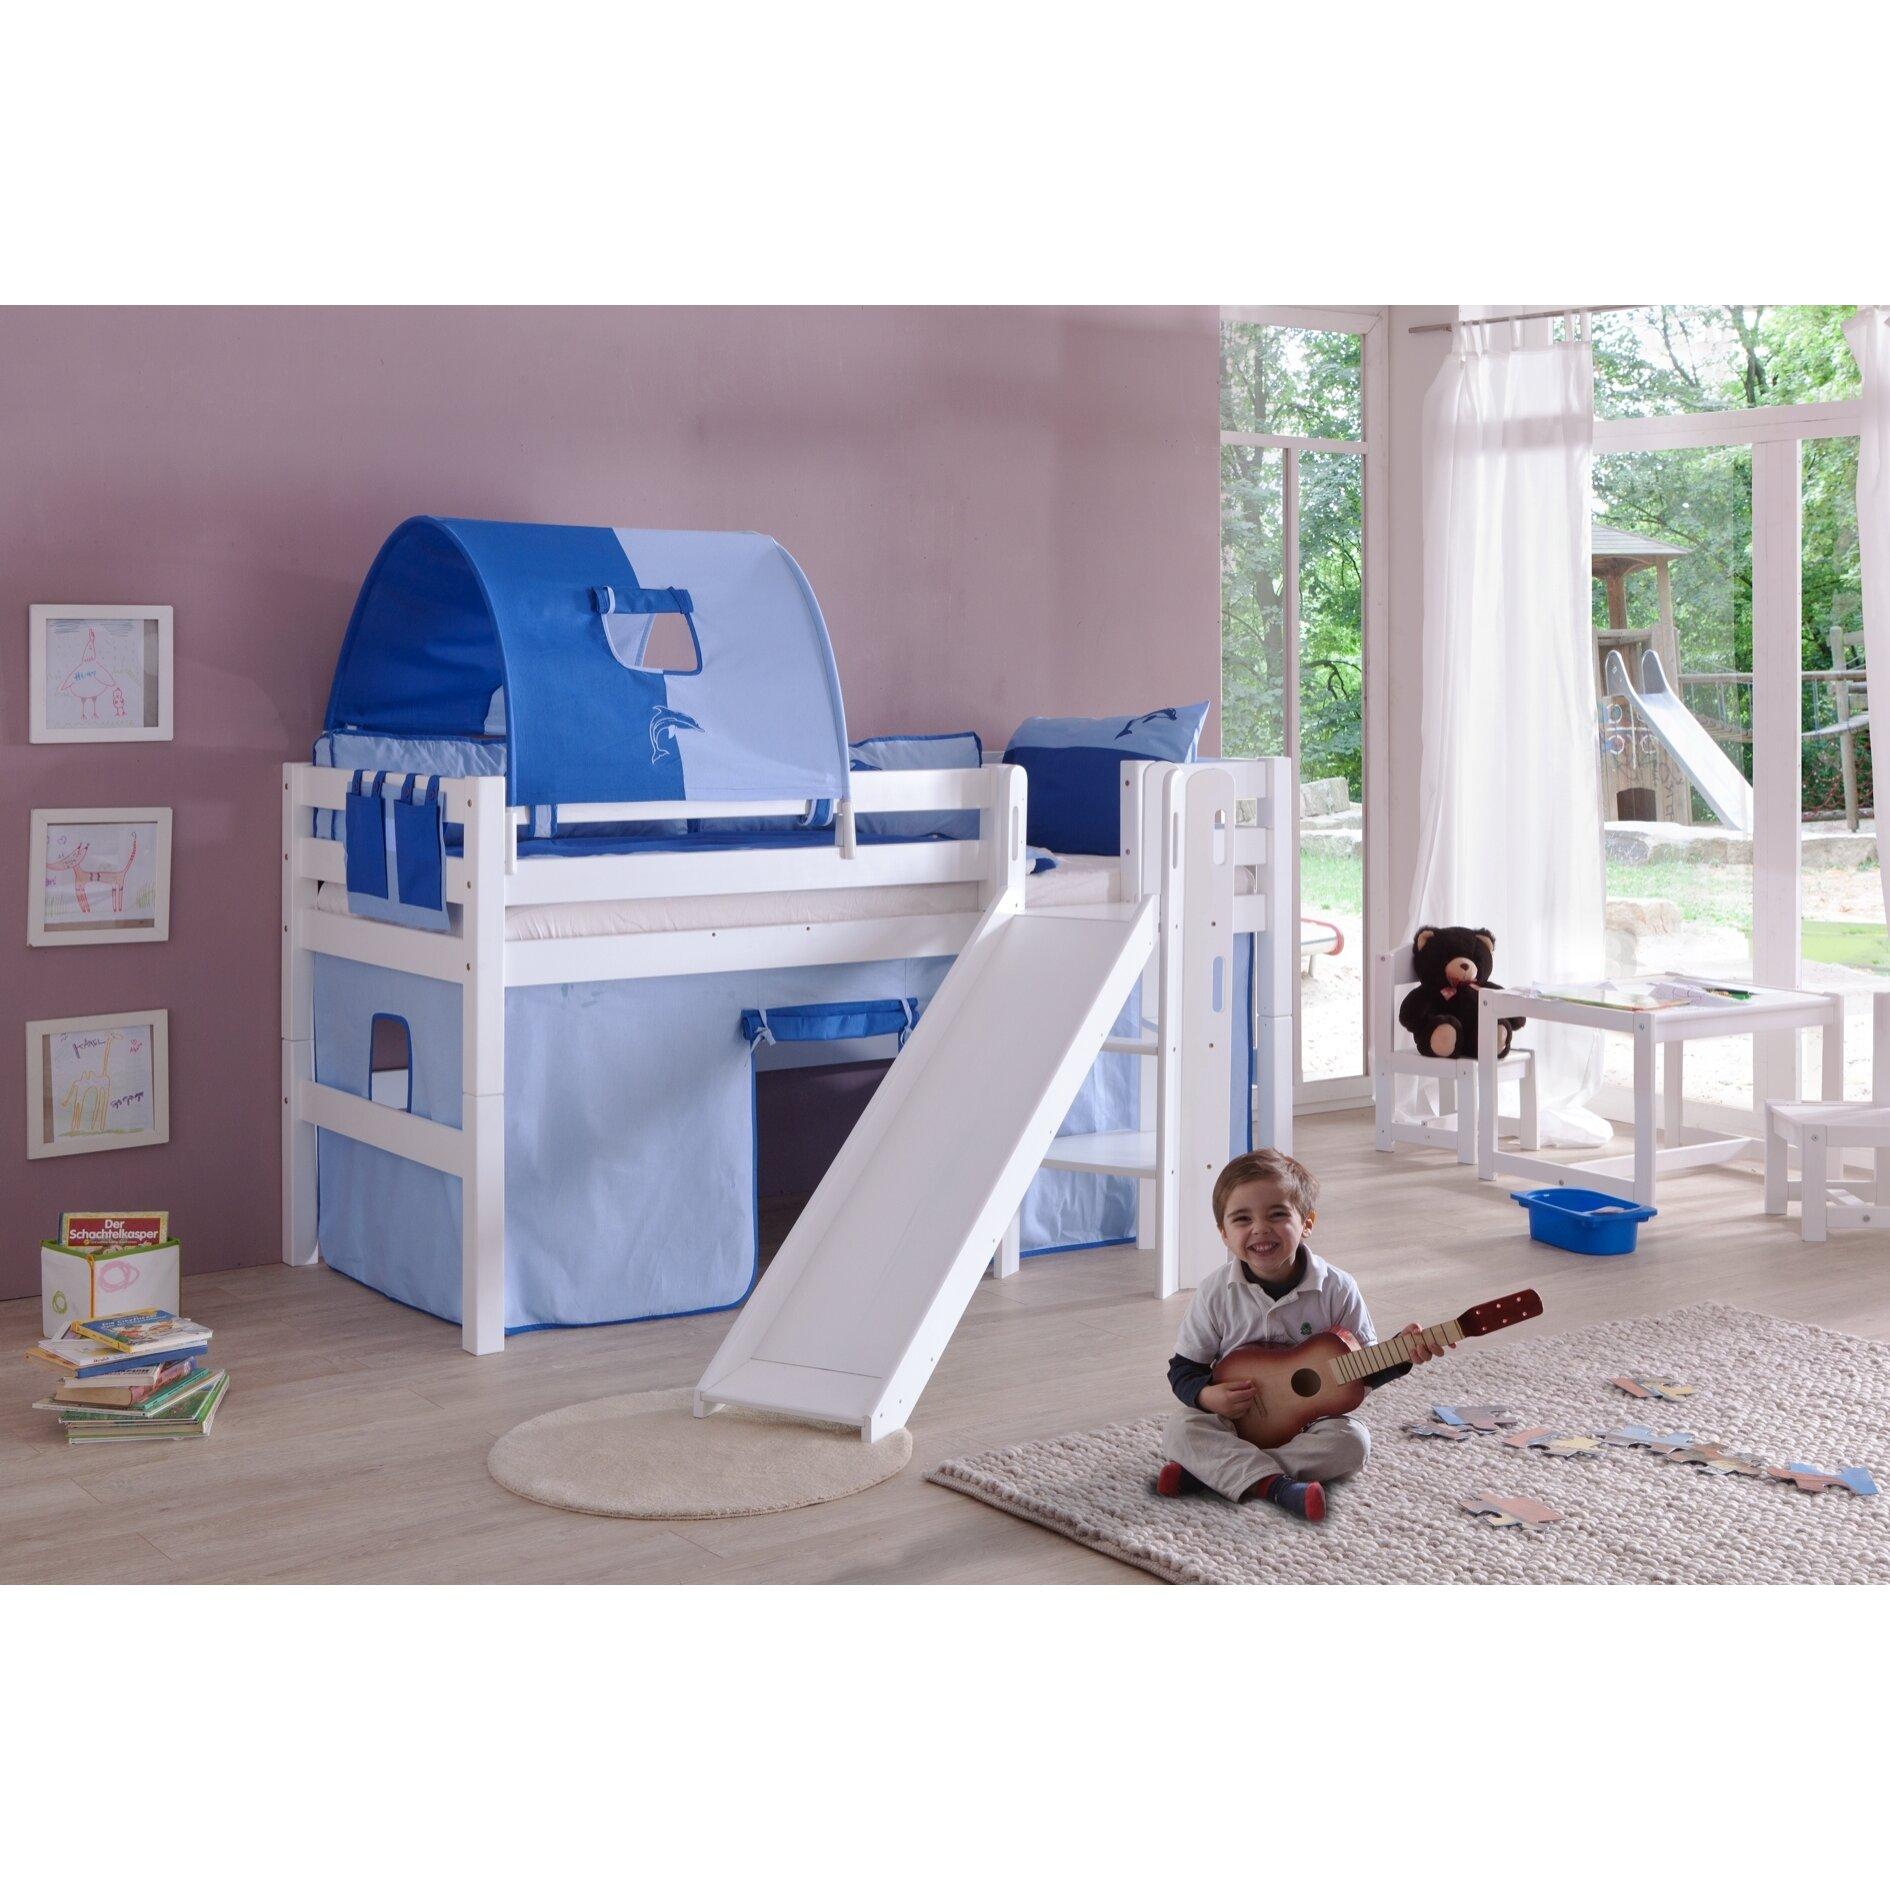 relita hochbett eliyas mit rutsche 90 x 200 cm bewertungen. Black Bedroom Furniture Sets. Home Design Ideas